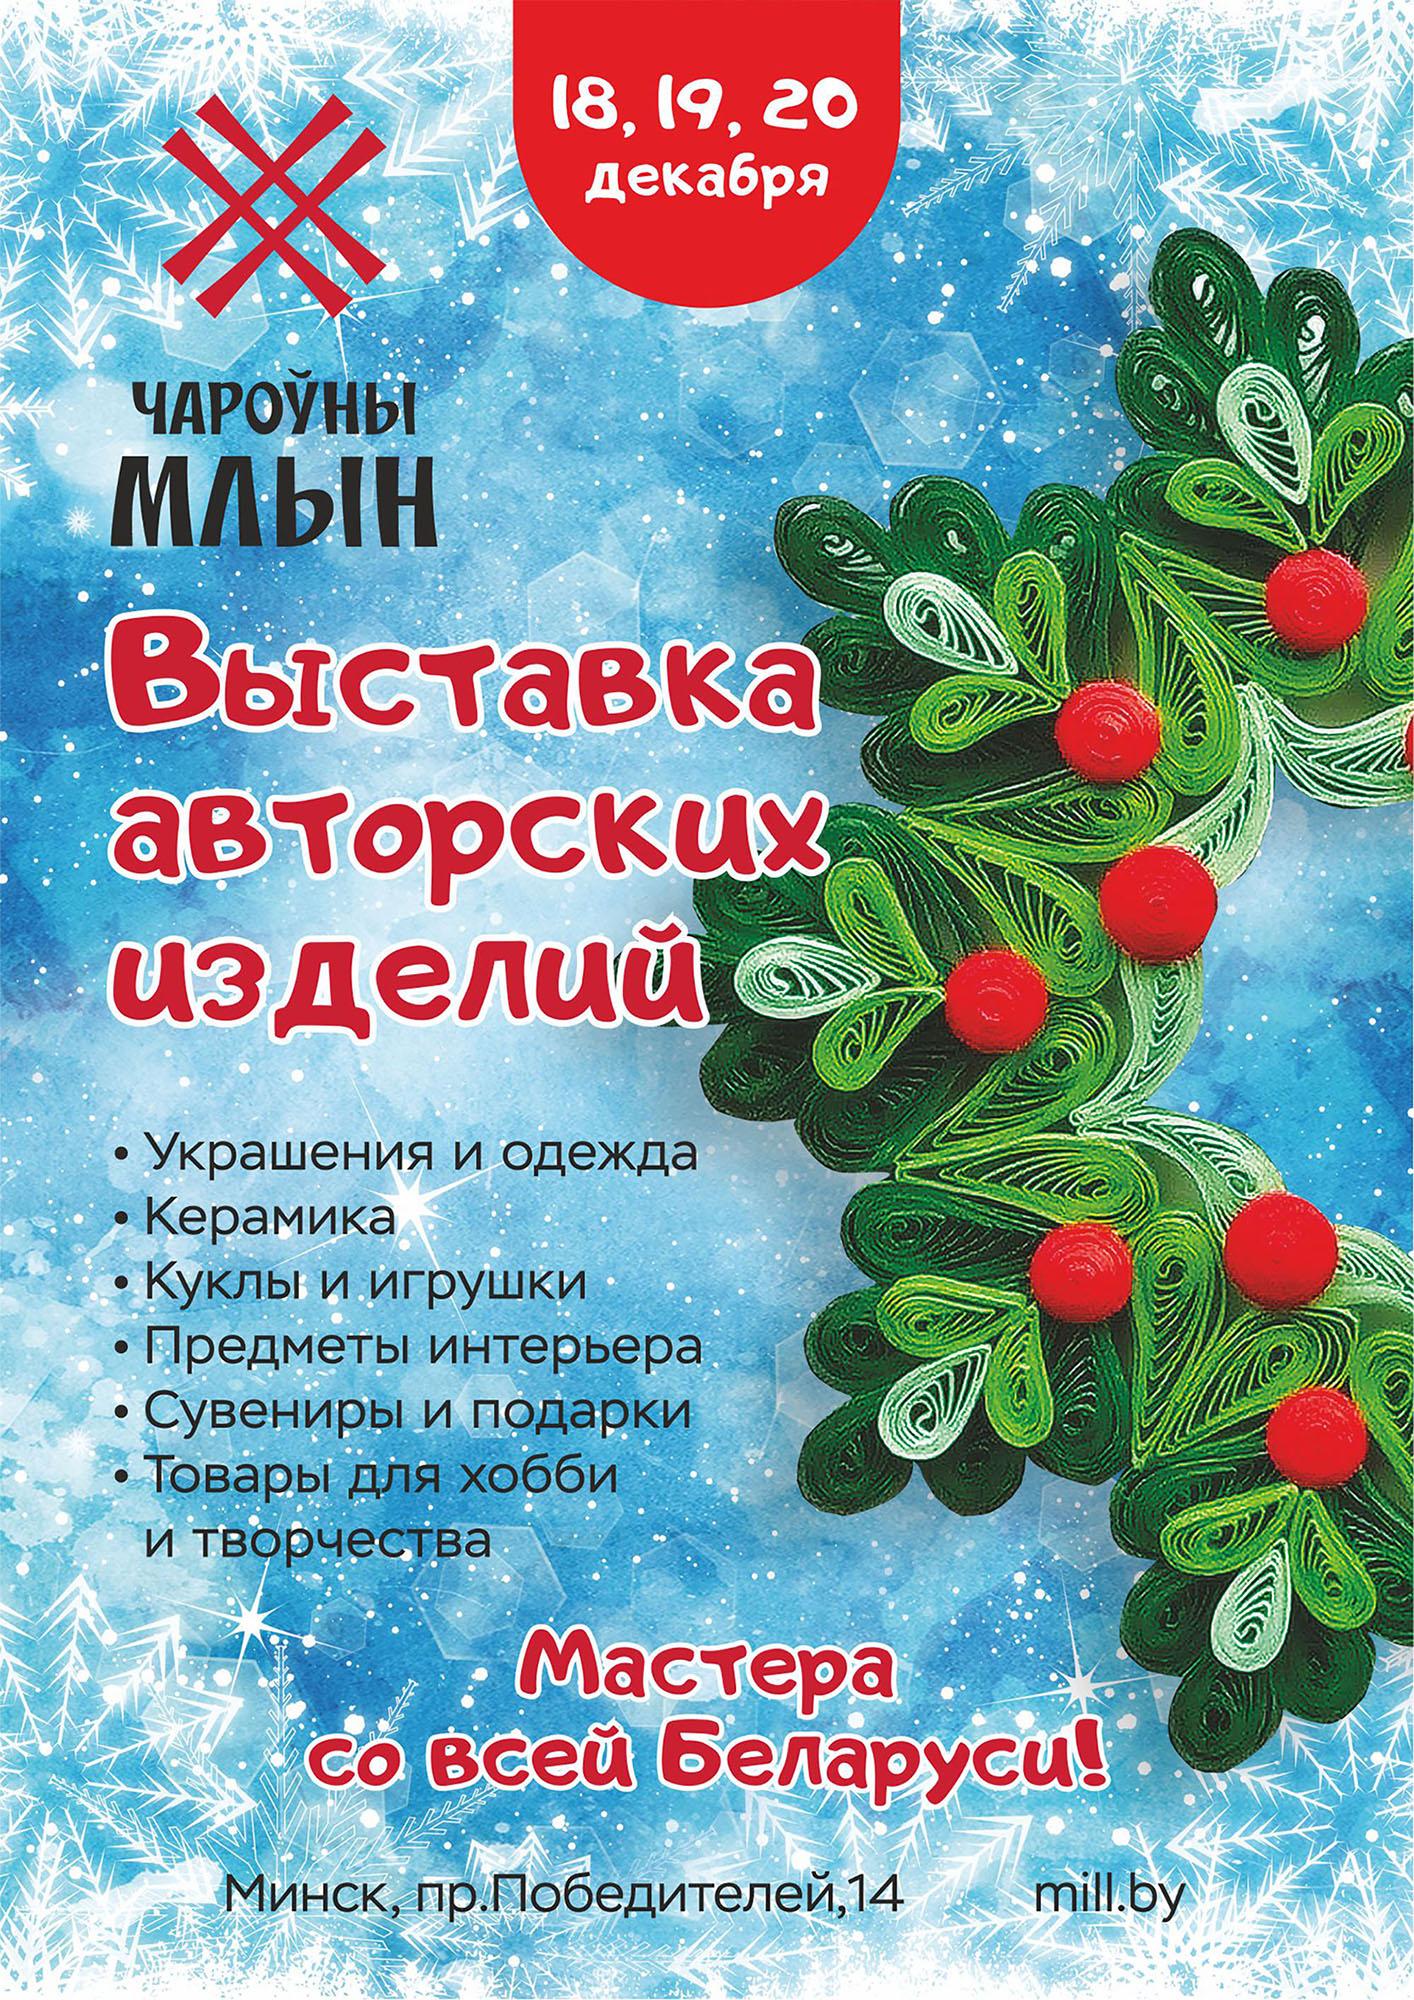 Дизайн новогодней афиши для выставки изделий ручной работы фото f_3585f8e84536b0e1.jpg